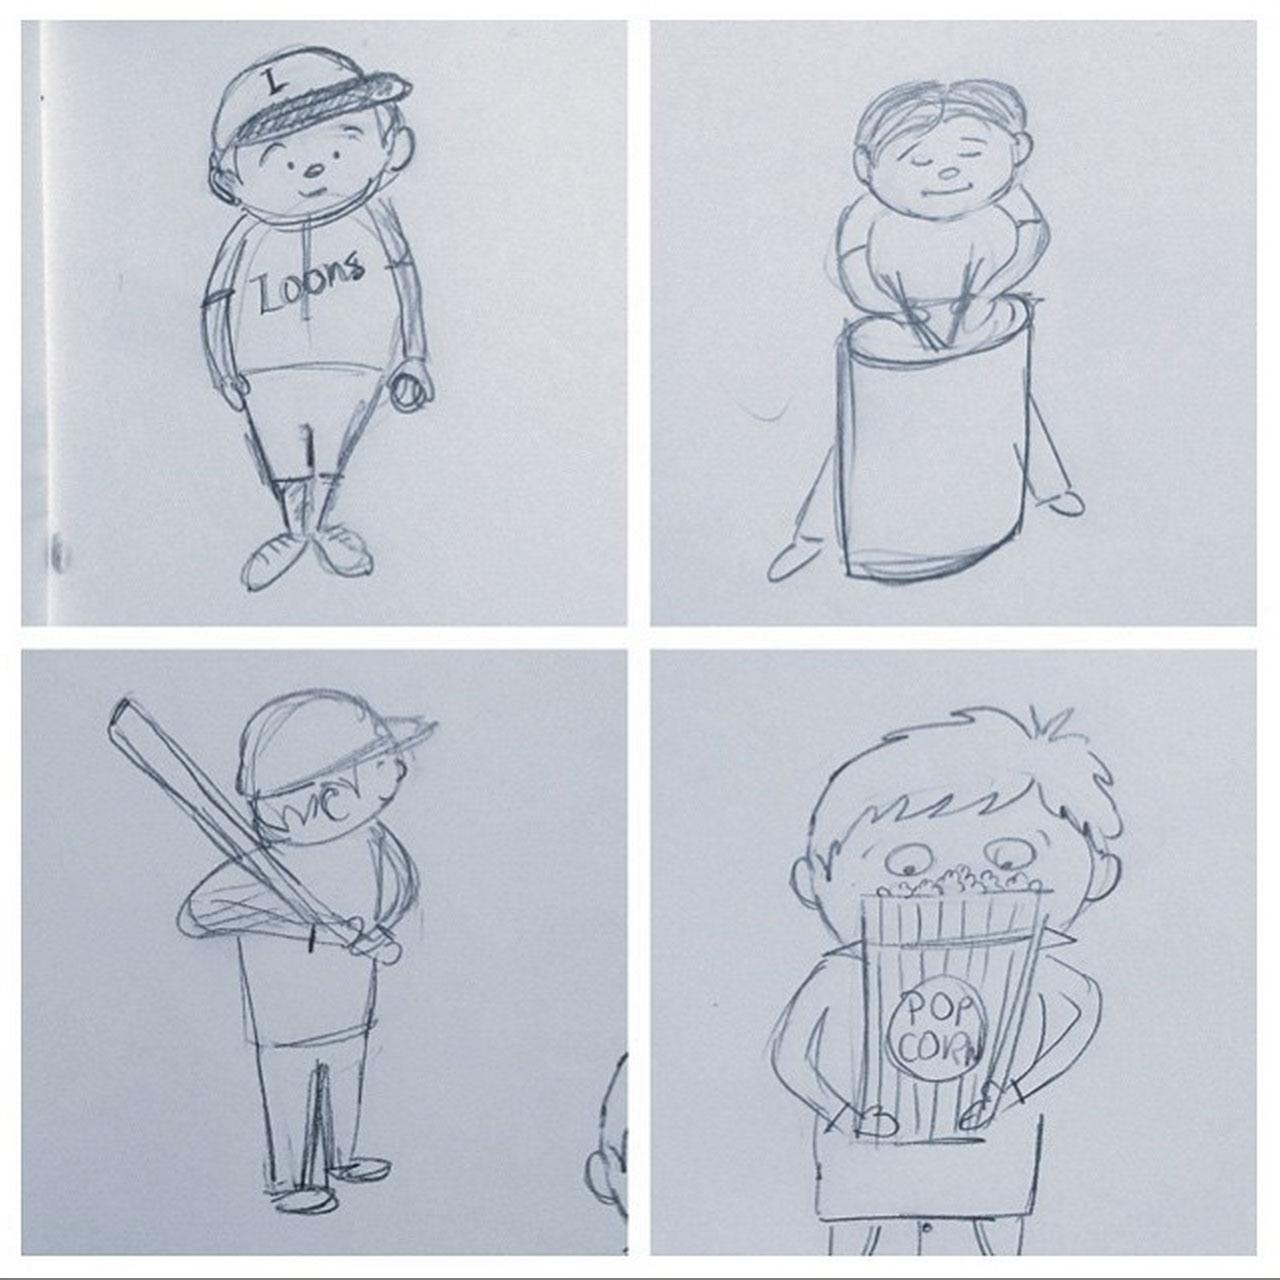 157/365 - sketches at a baseball game